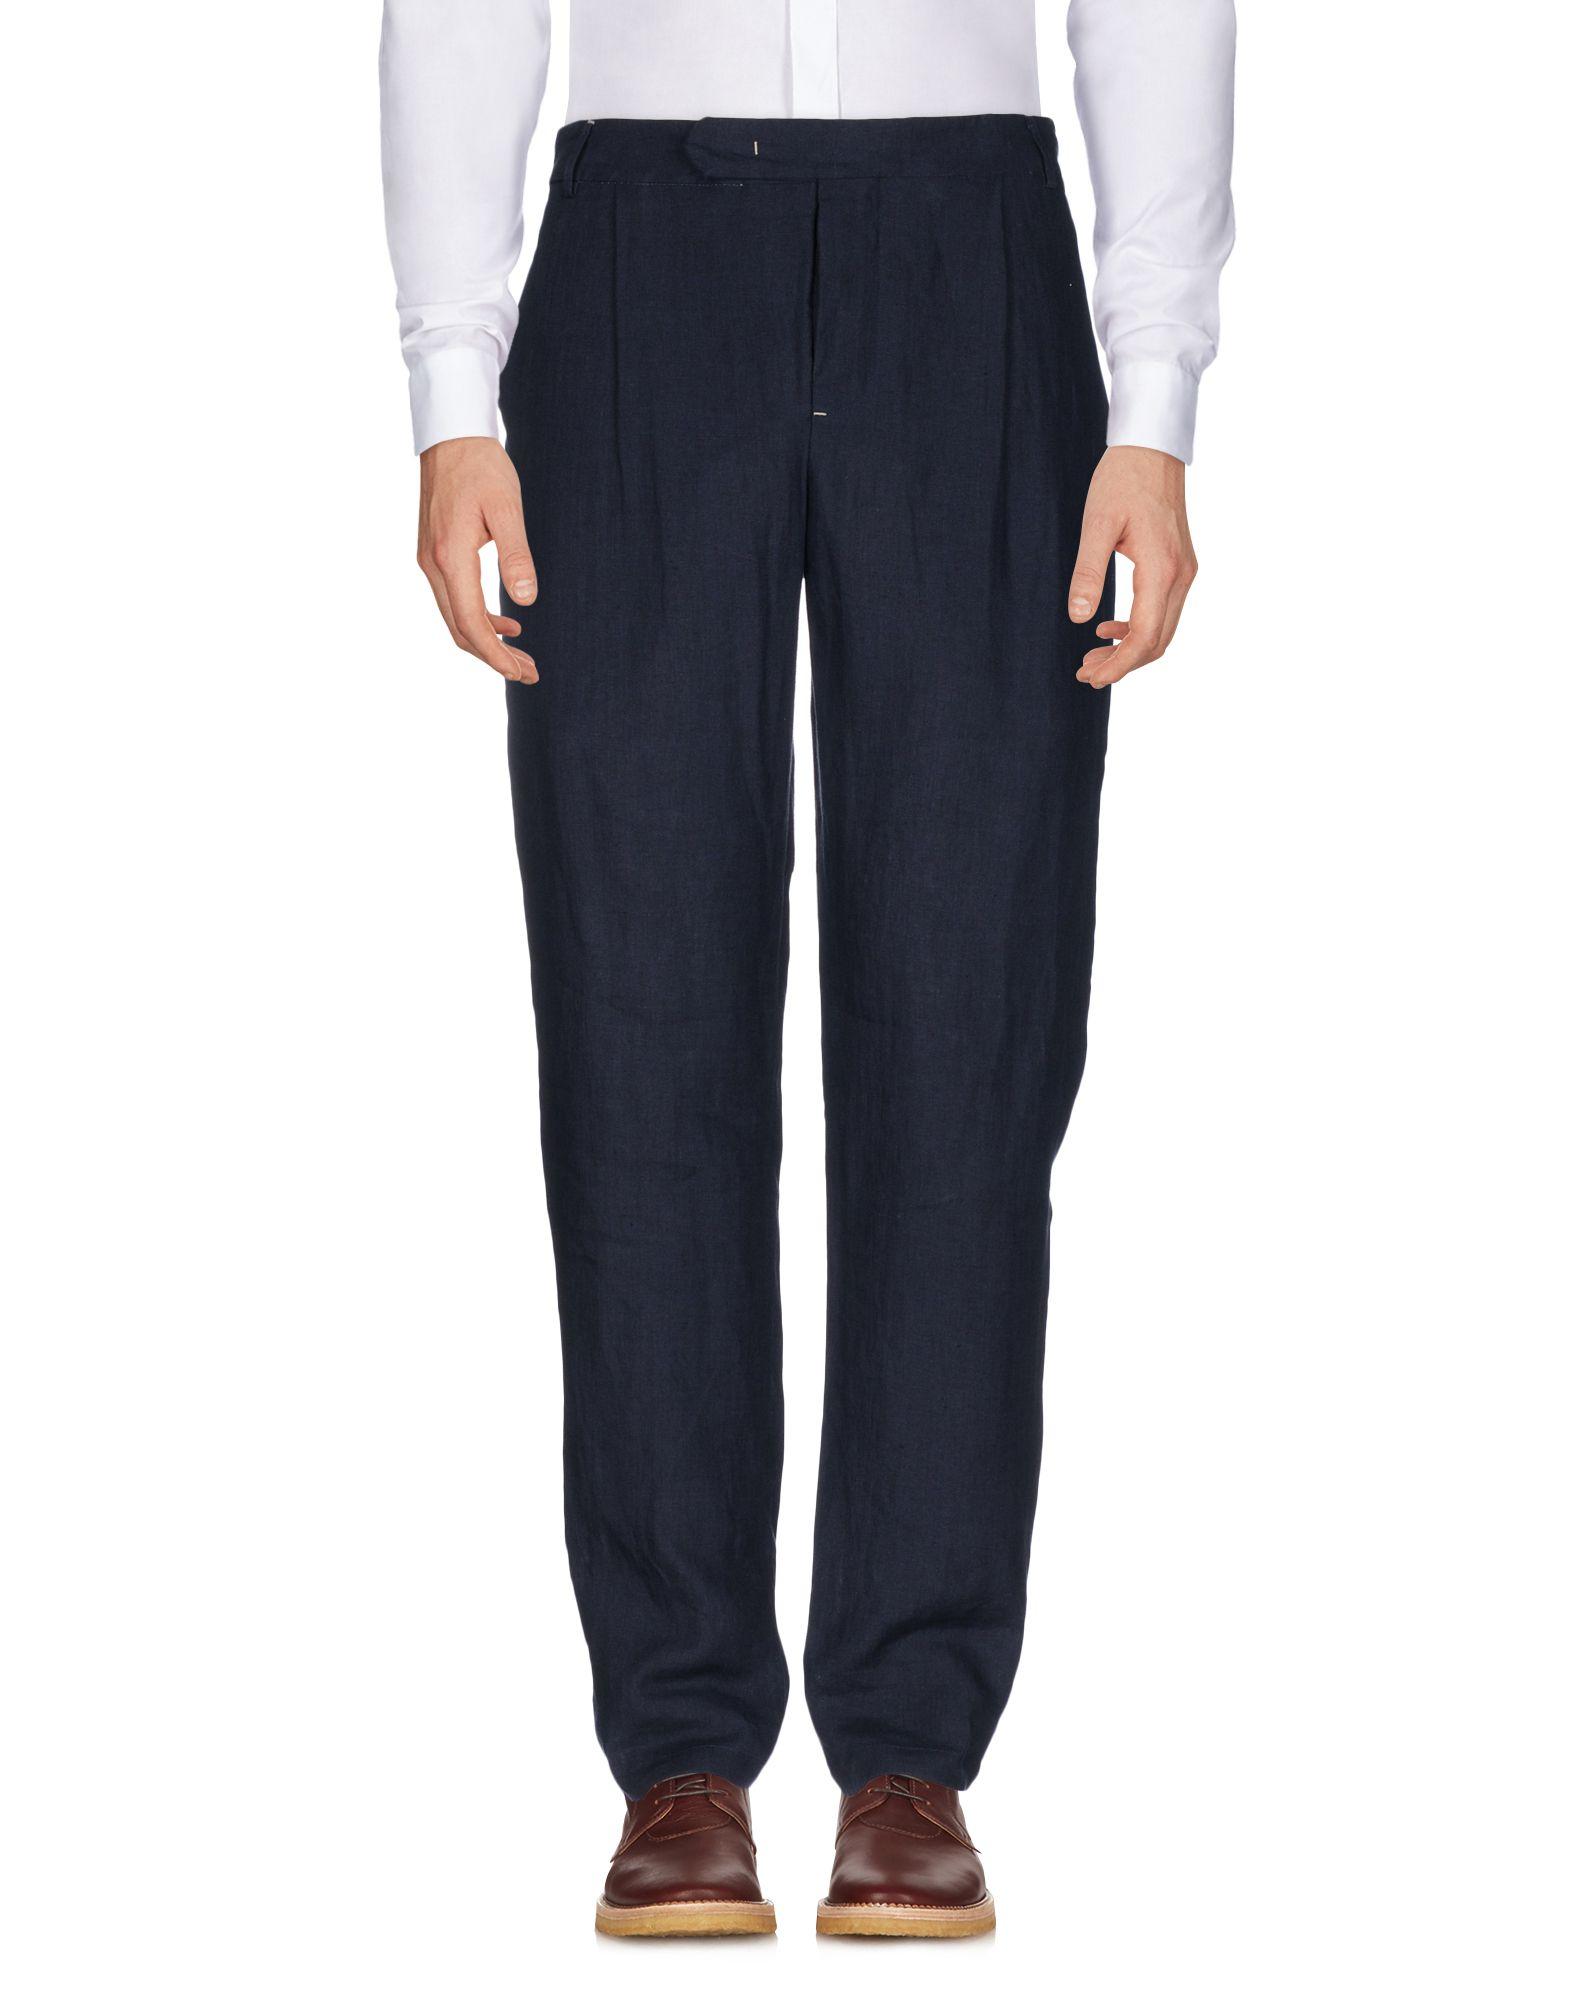 Pantalone Big Uncle Uomo - Acquista online su